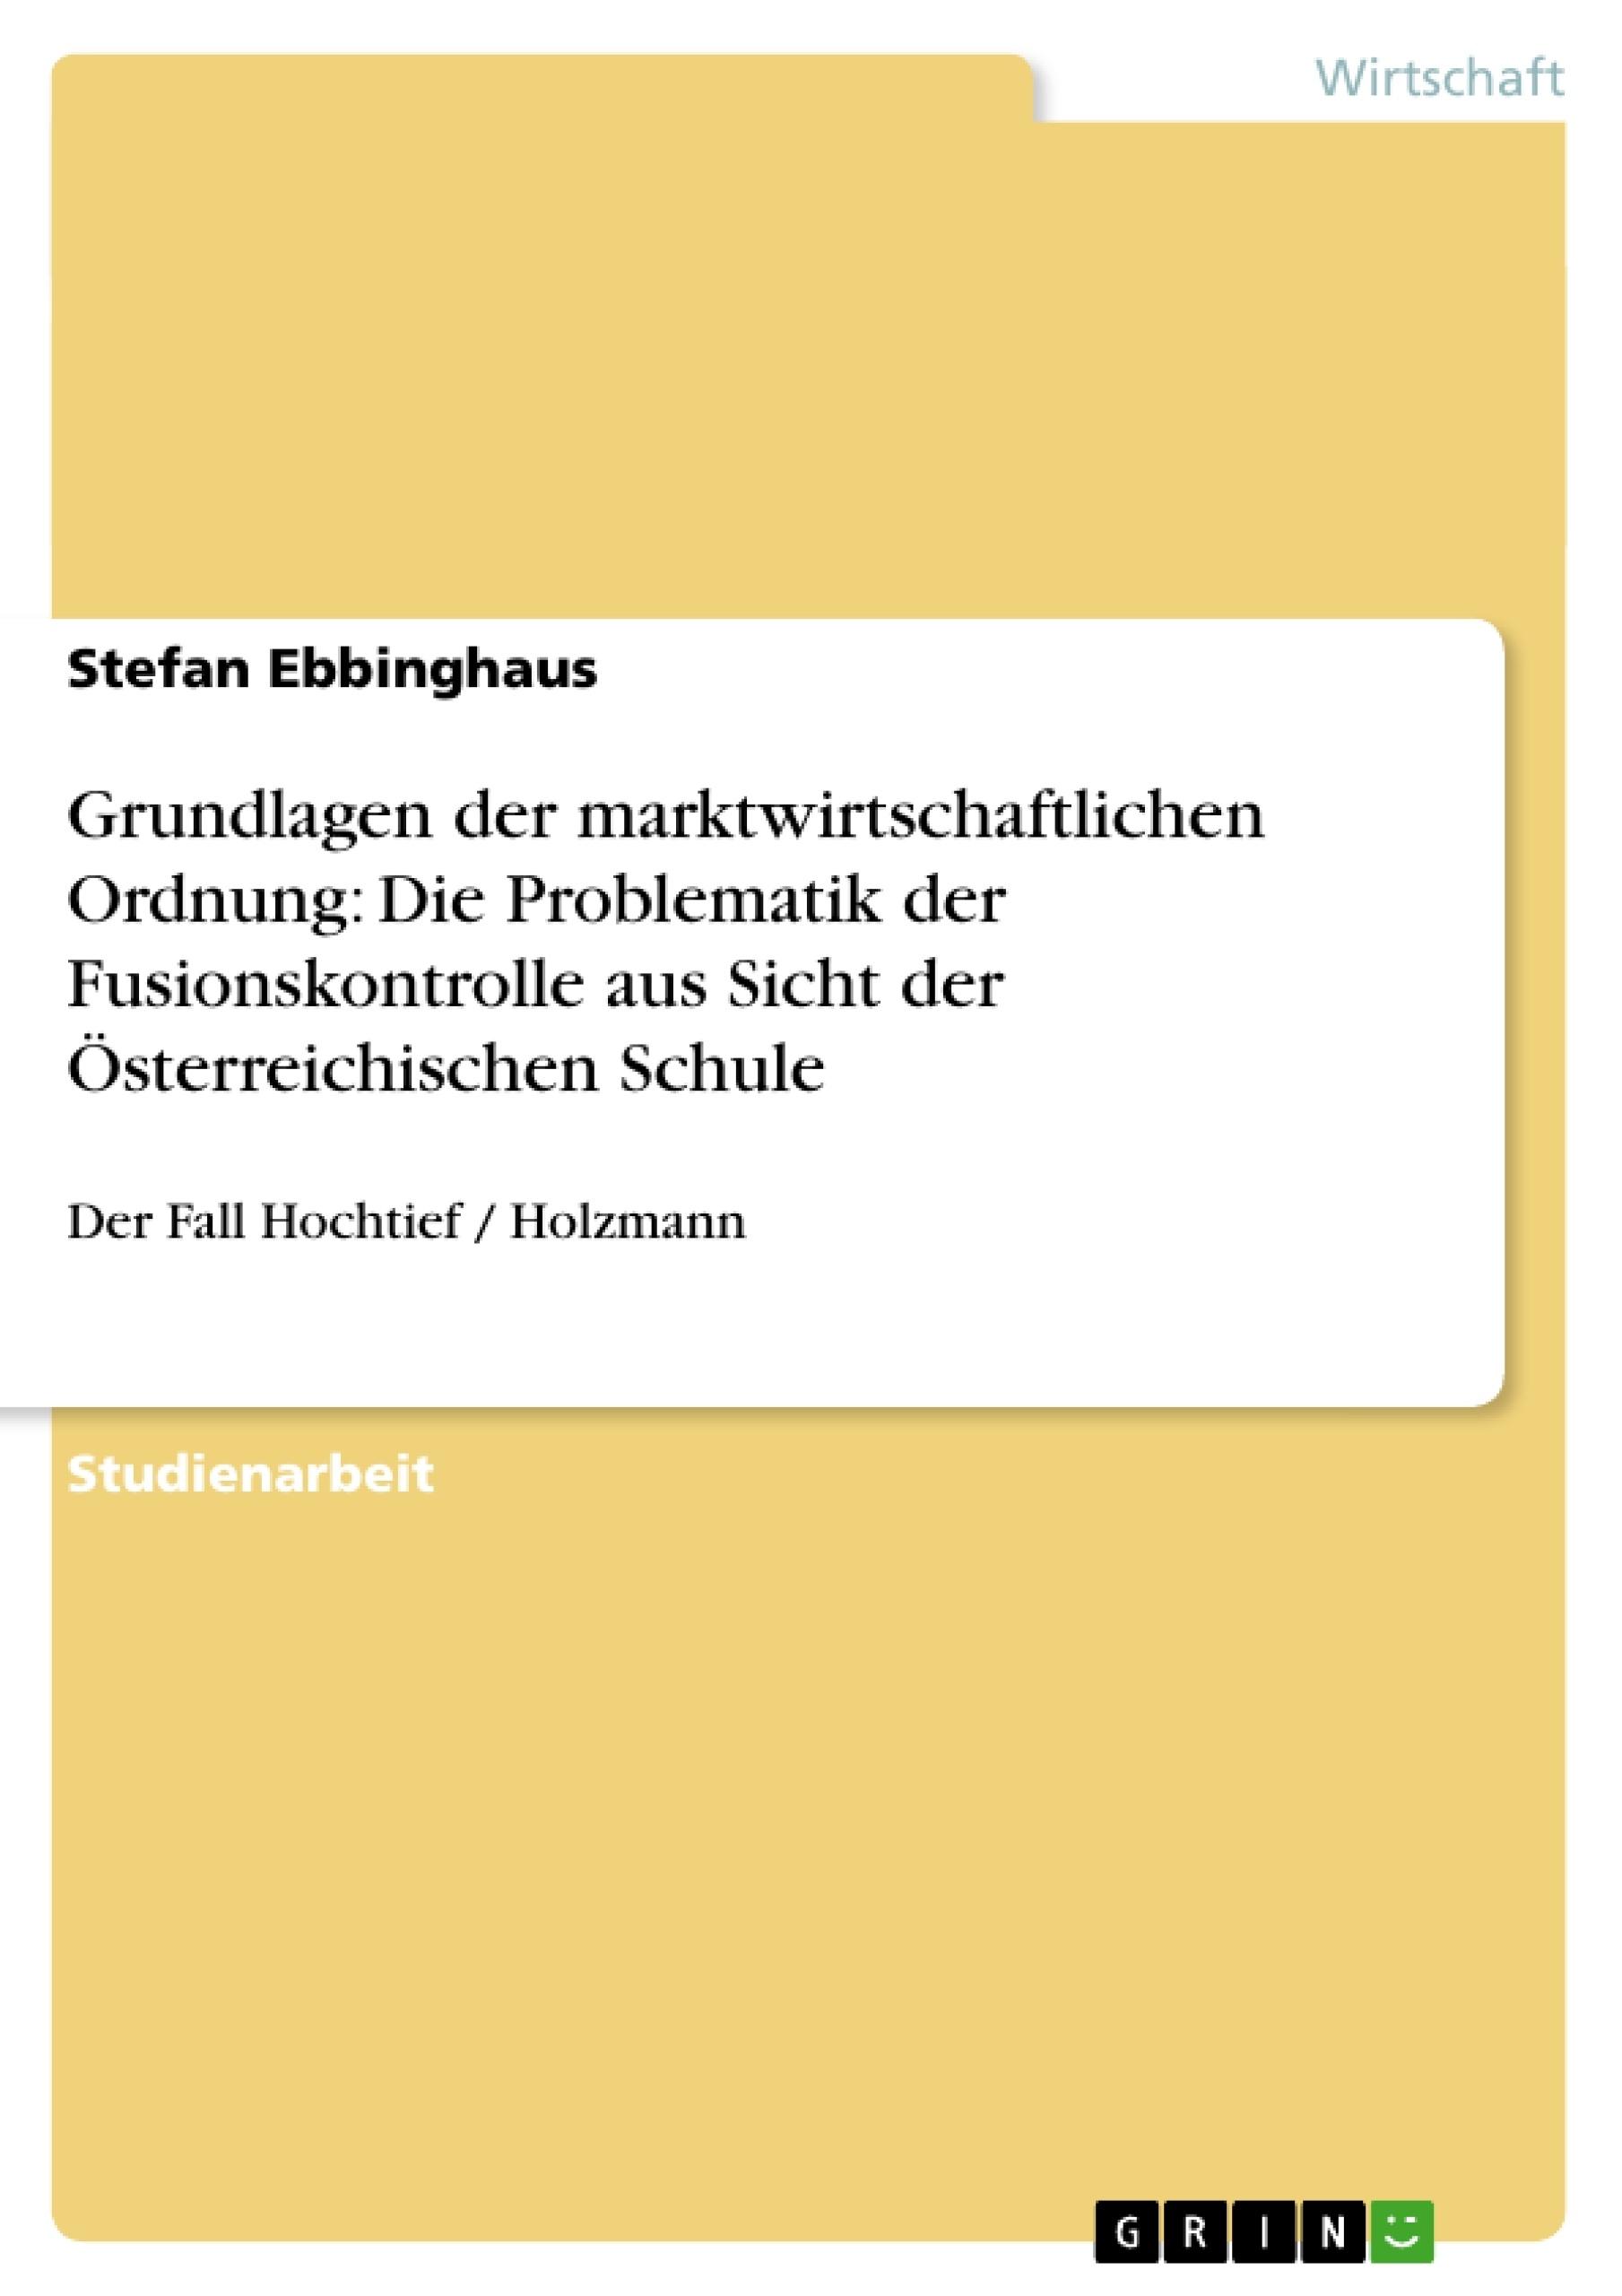 Titel: Grundlagen der marktwirtschaftlichen Ordnung: Die Problematik der Fusionskontrolle aus Sicht der Österreichischen Schule